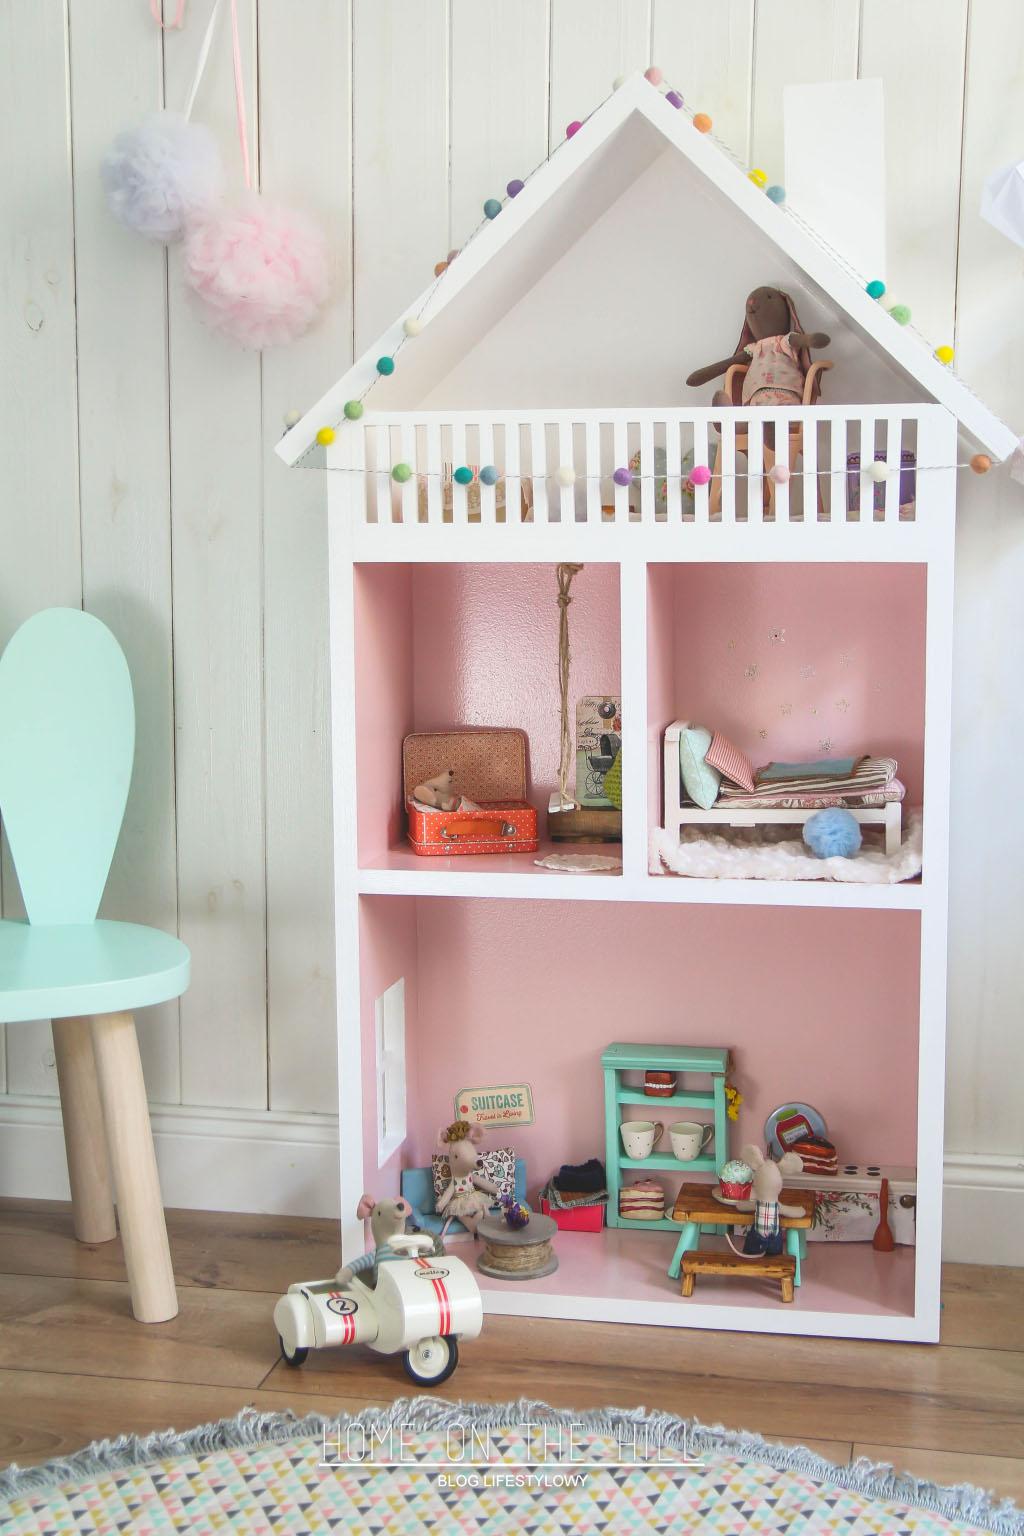 6eef9c3553d3f1 W dziecięcym pokoju; domek dla myszek i garść skarbów rozwijających  wyobraźnię.